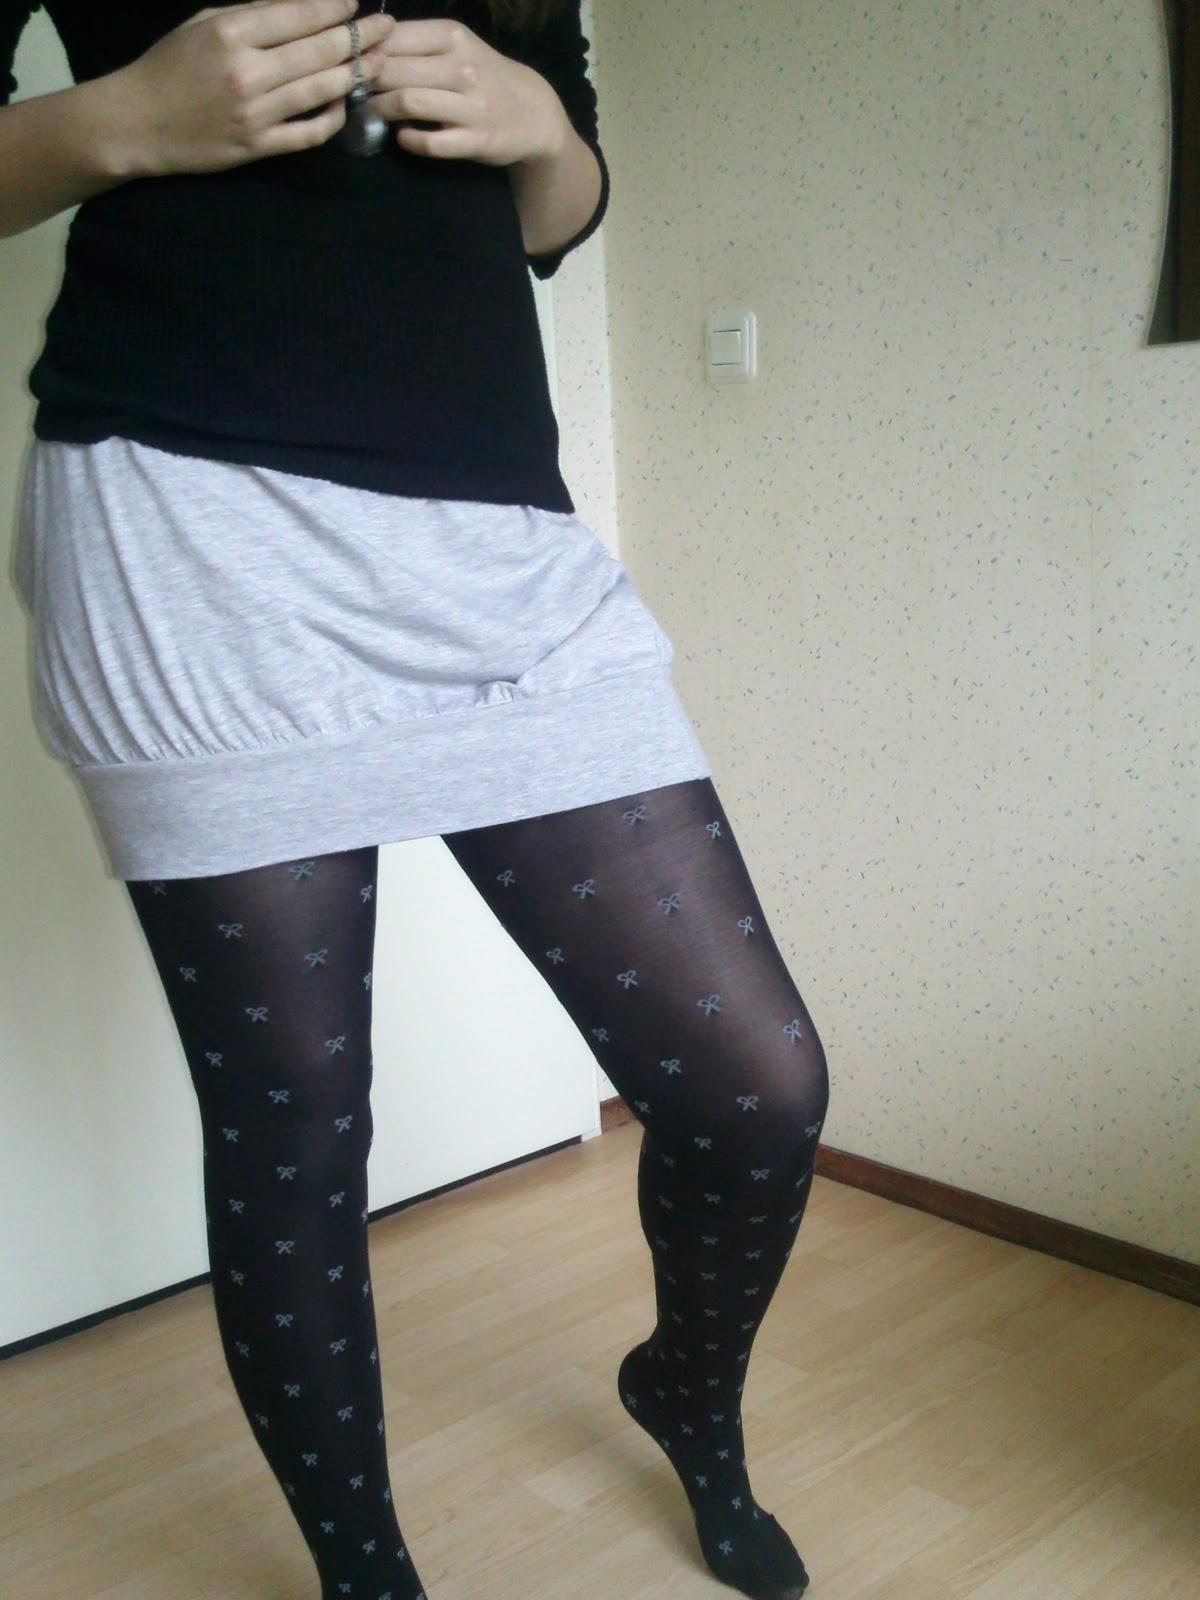 Gedragen panty